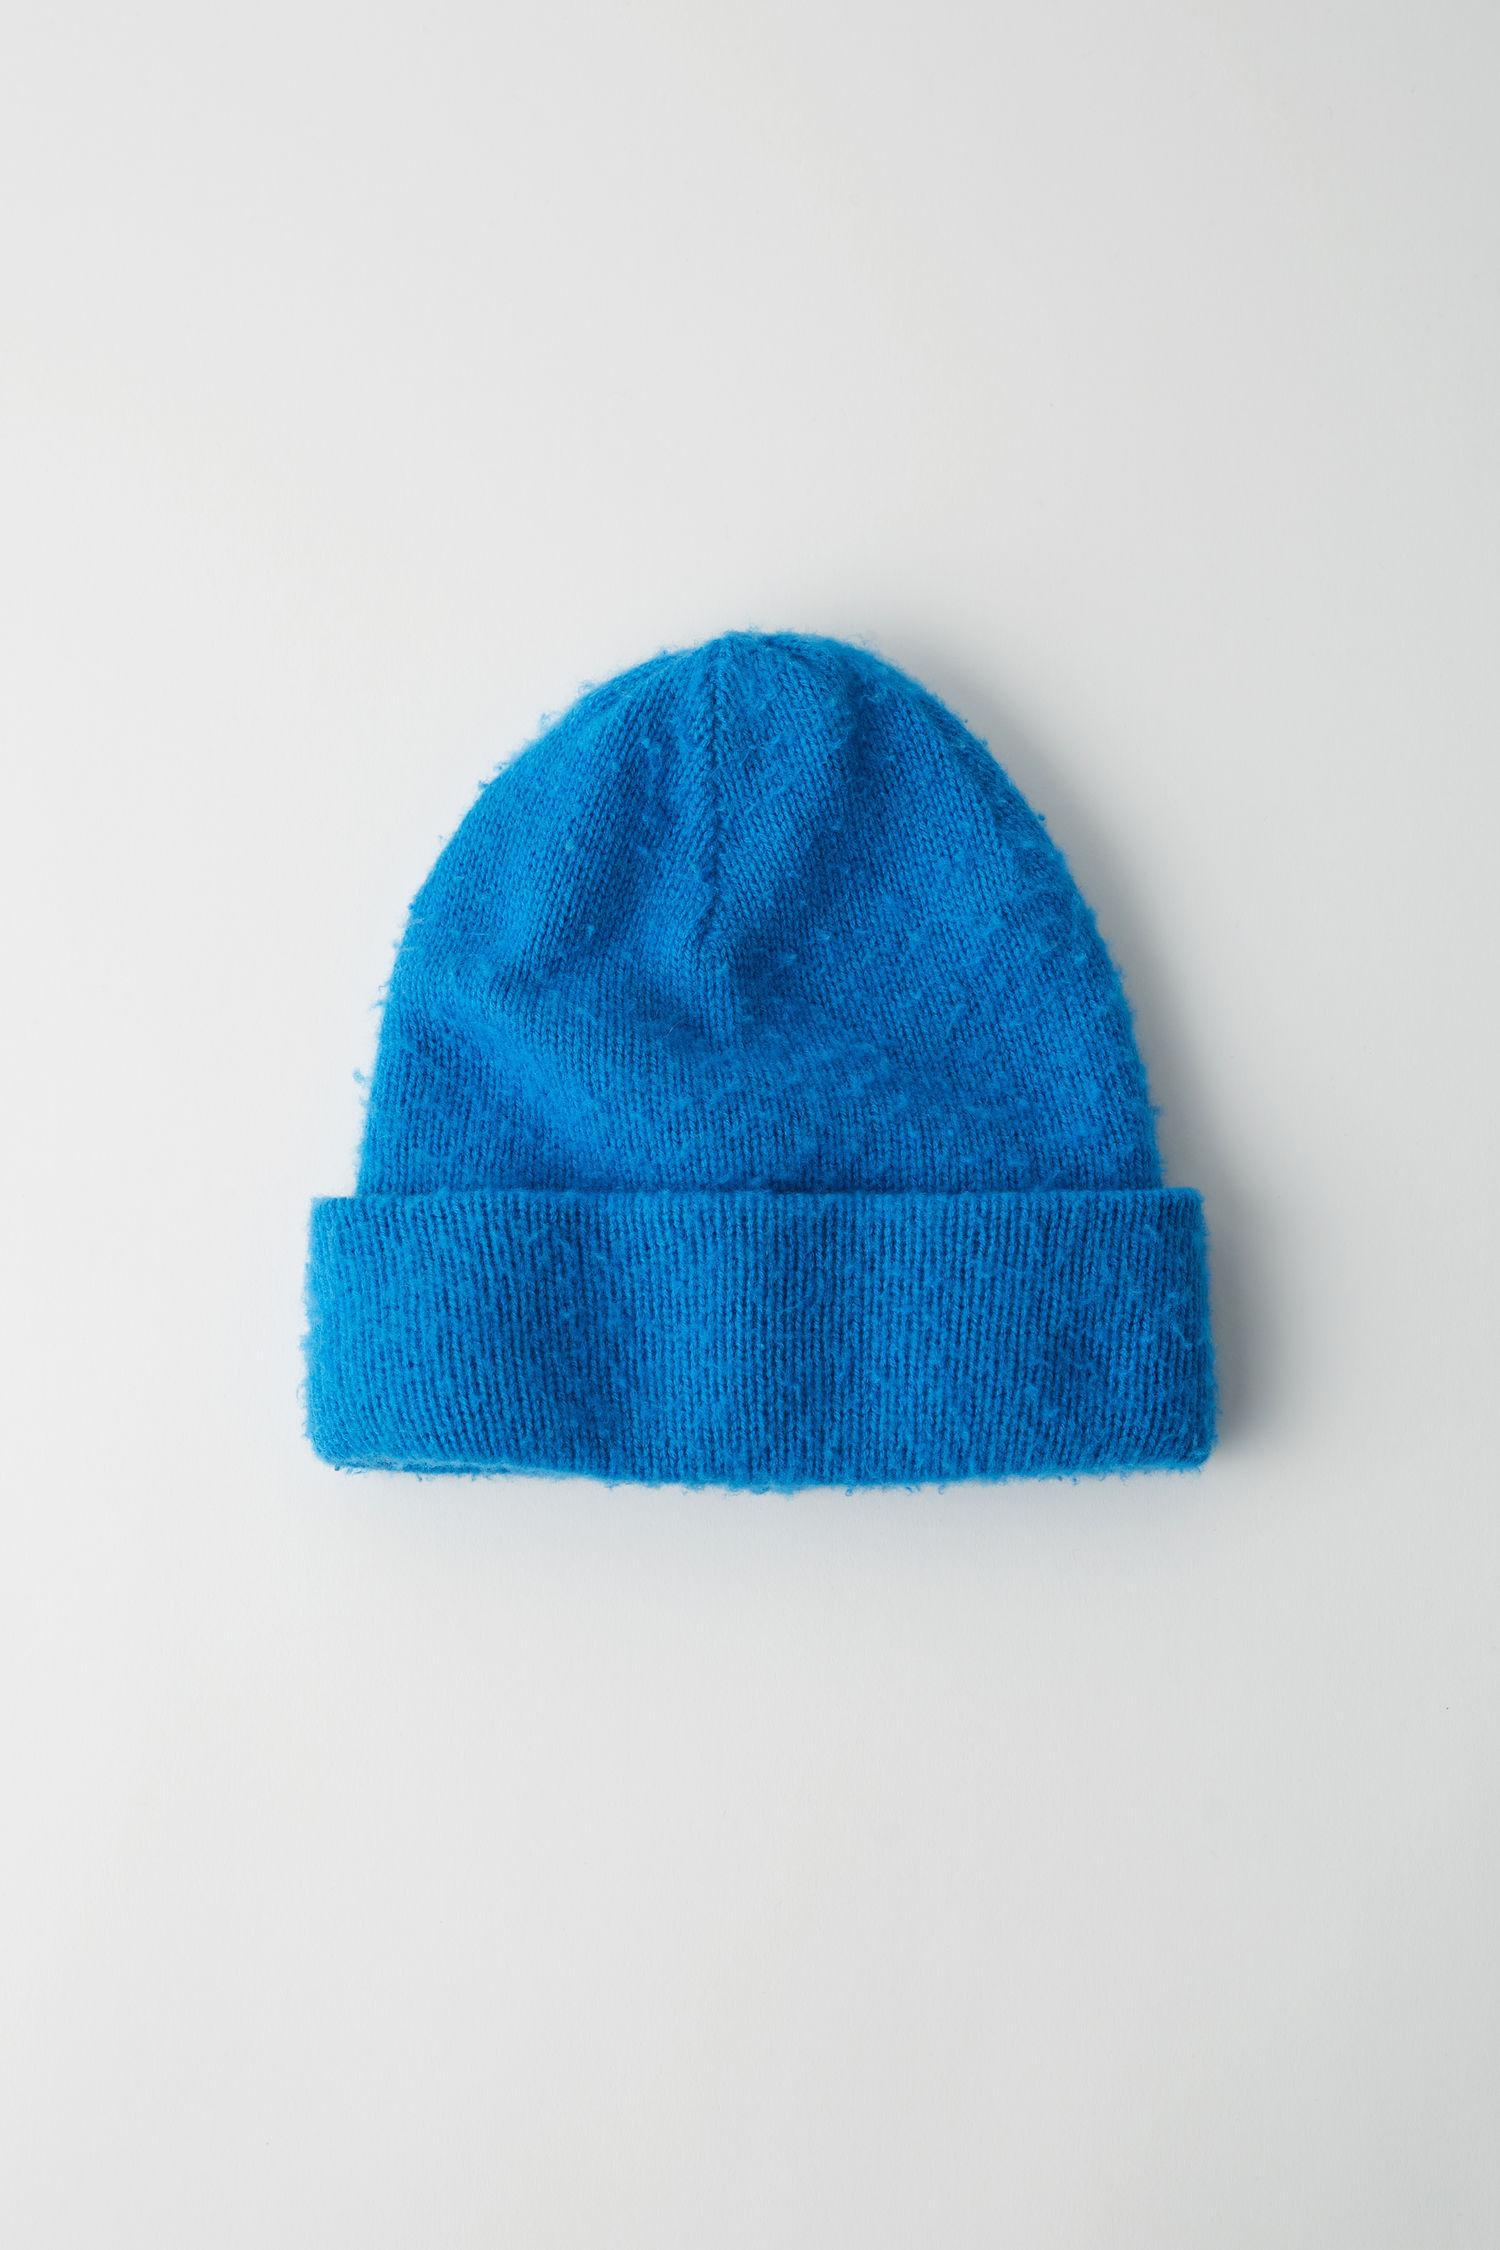 9342985c28e Acne Studios Pilled Beanie Blue